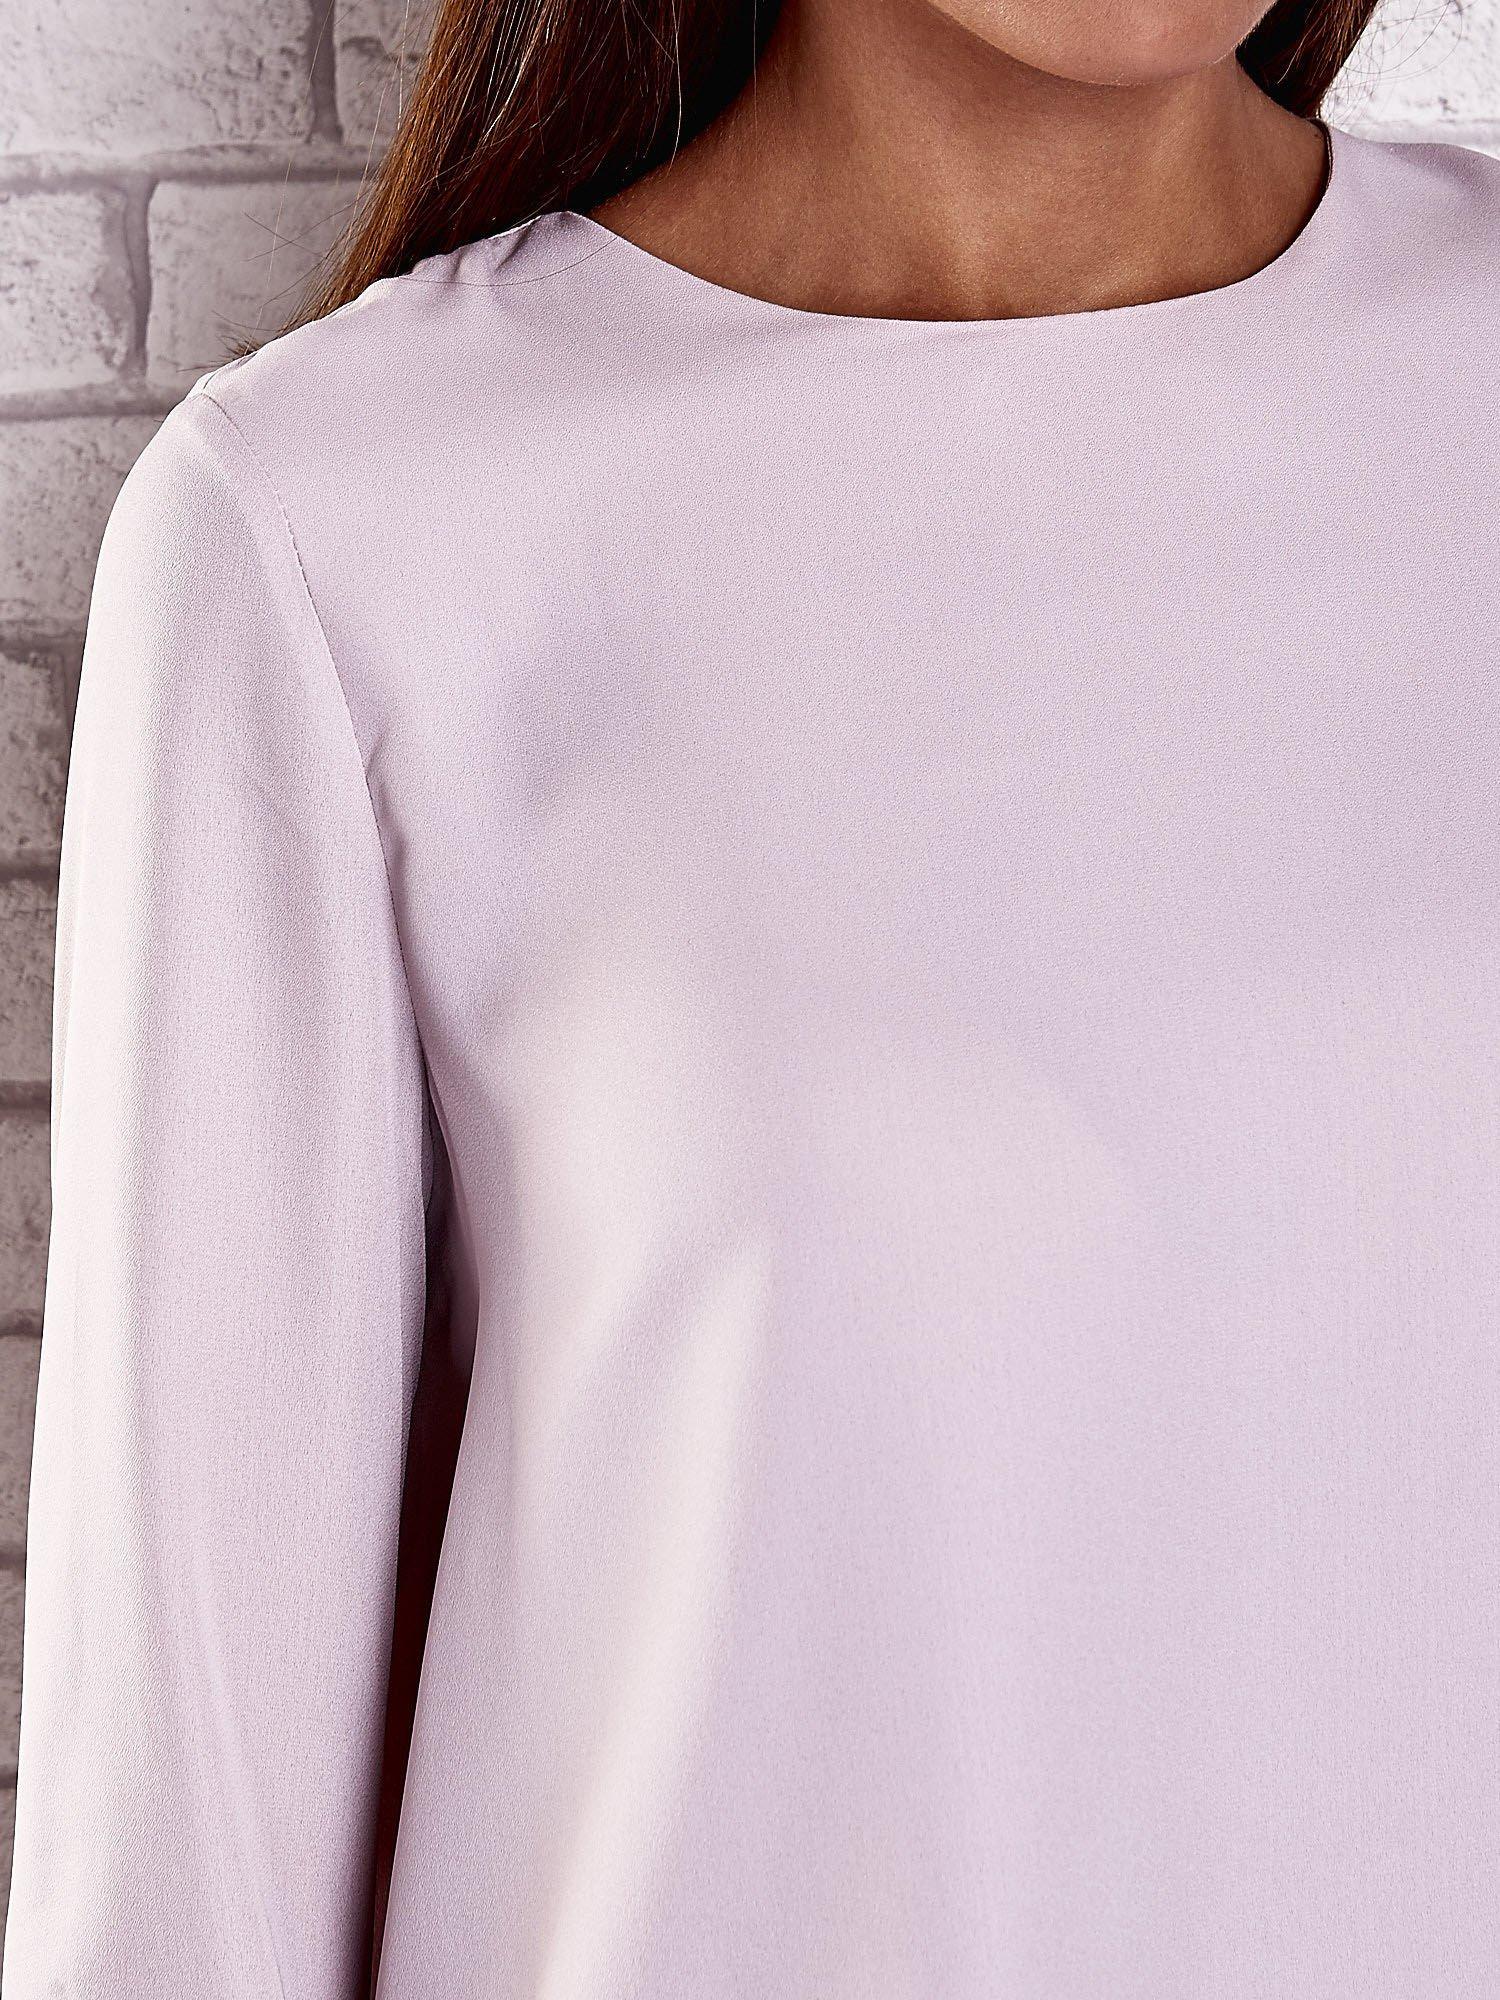 Jasnoróżowa bluzka z koronkowym wykończeniem rękawów                                  zdj.                                  6